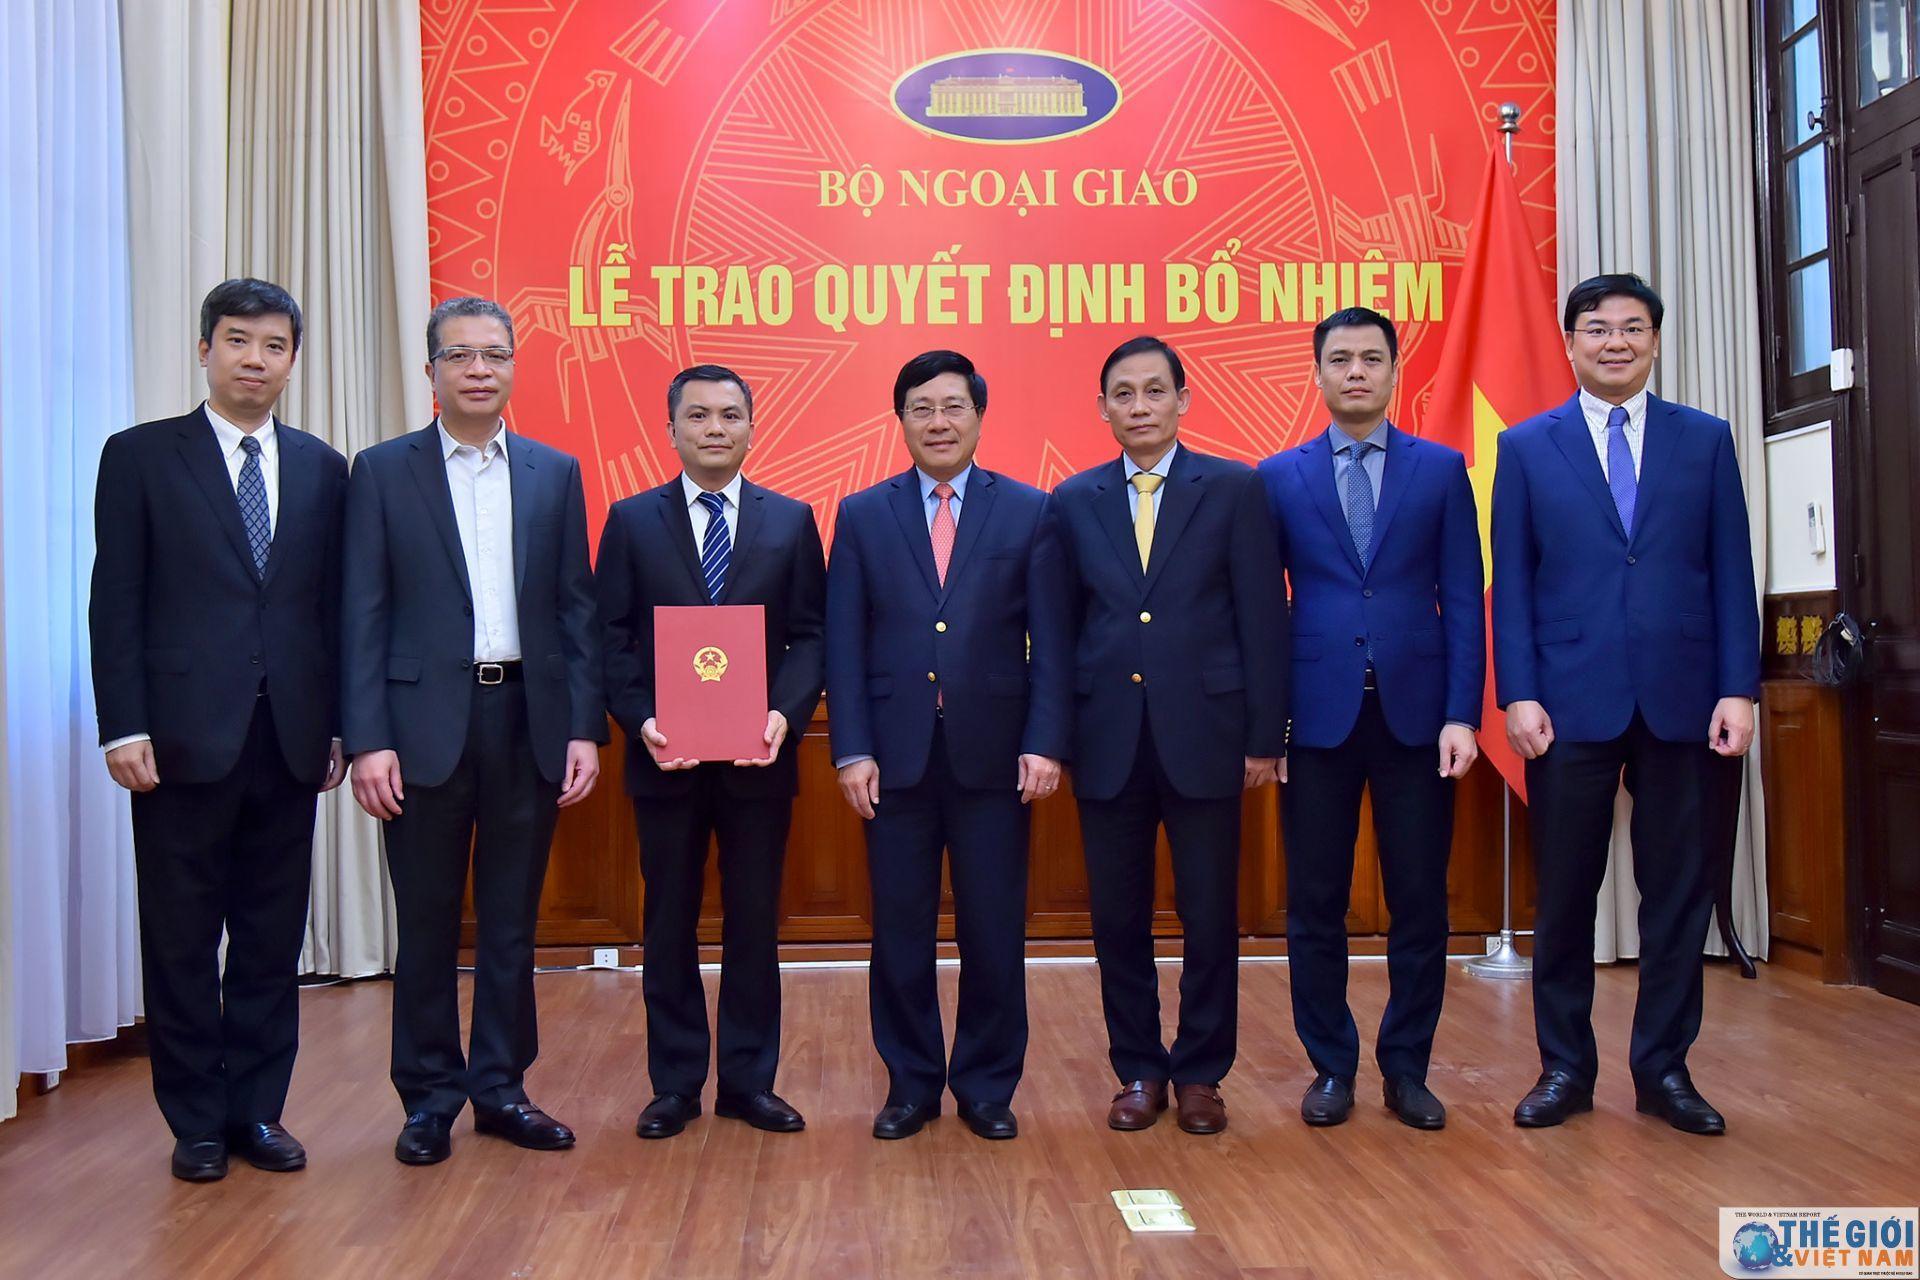 Bộ trưởng Ngoại giao trao quyết định bổ nhiệm nhân sự